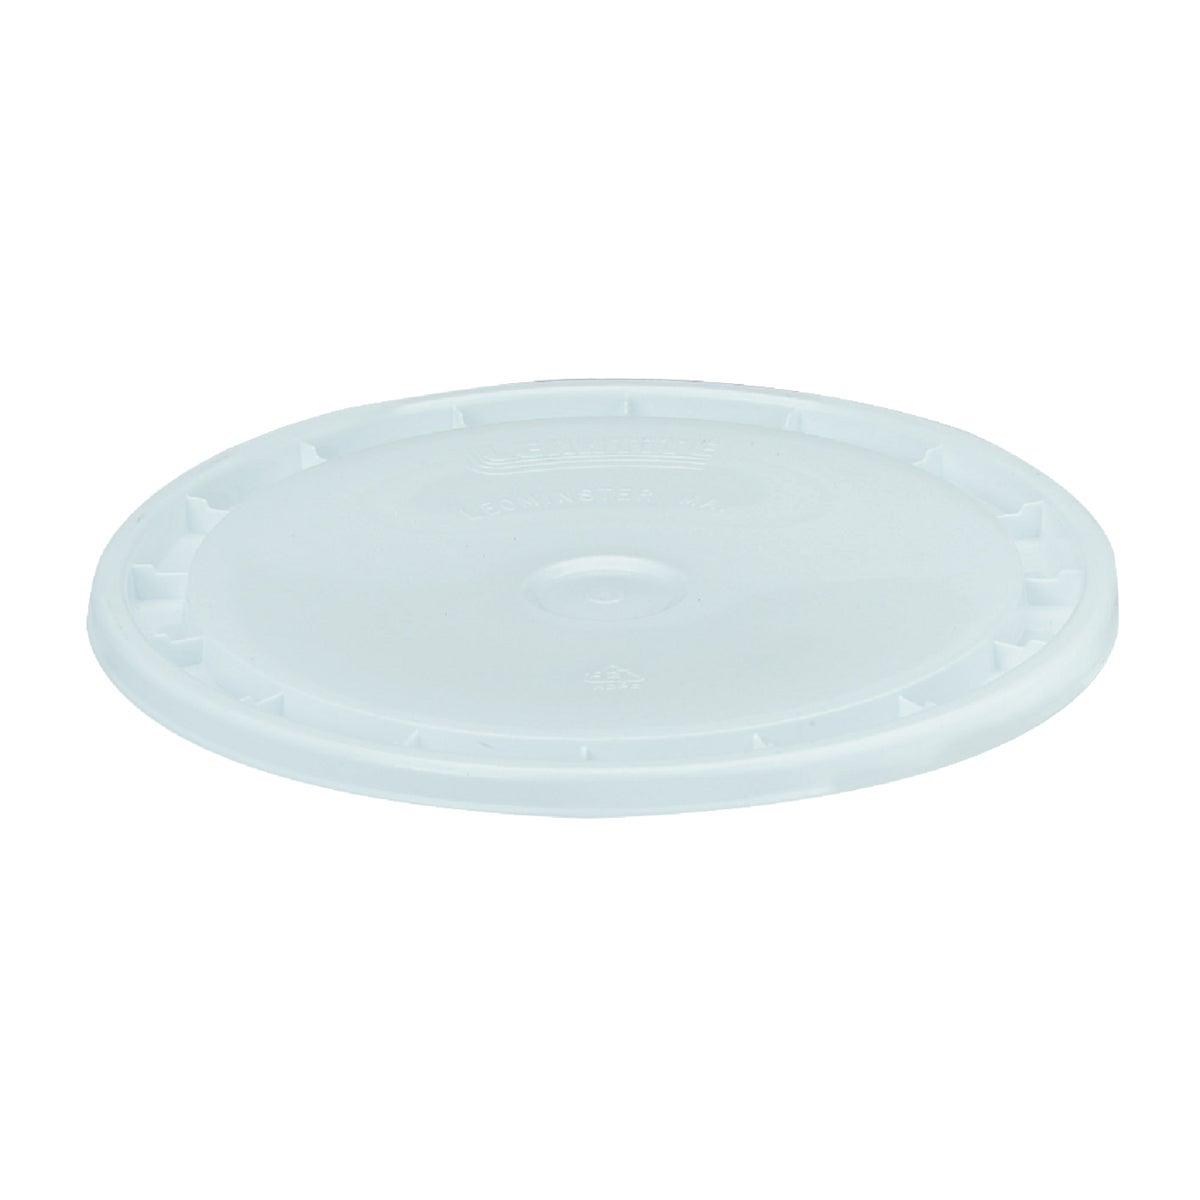 5GAL EASYOFF PLASTIC LID